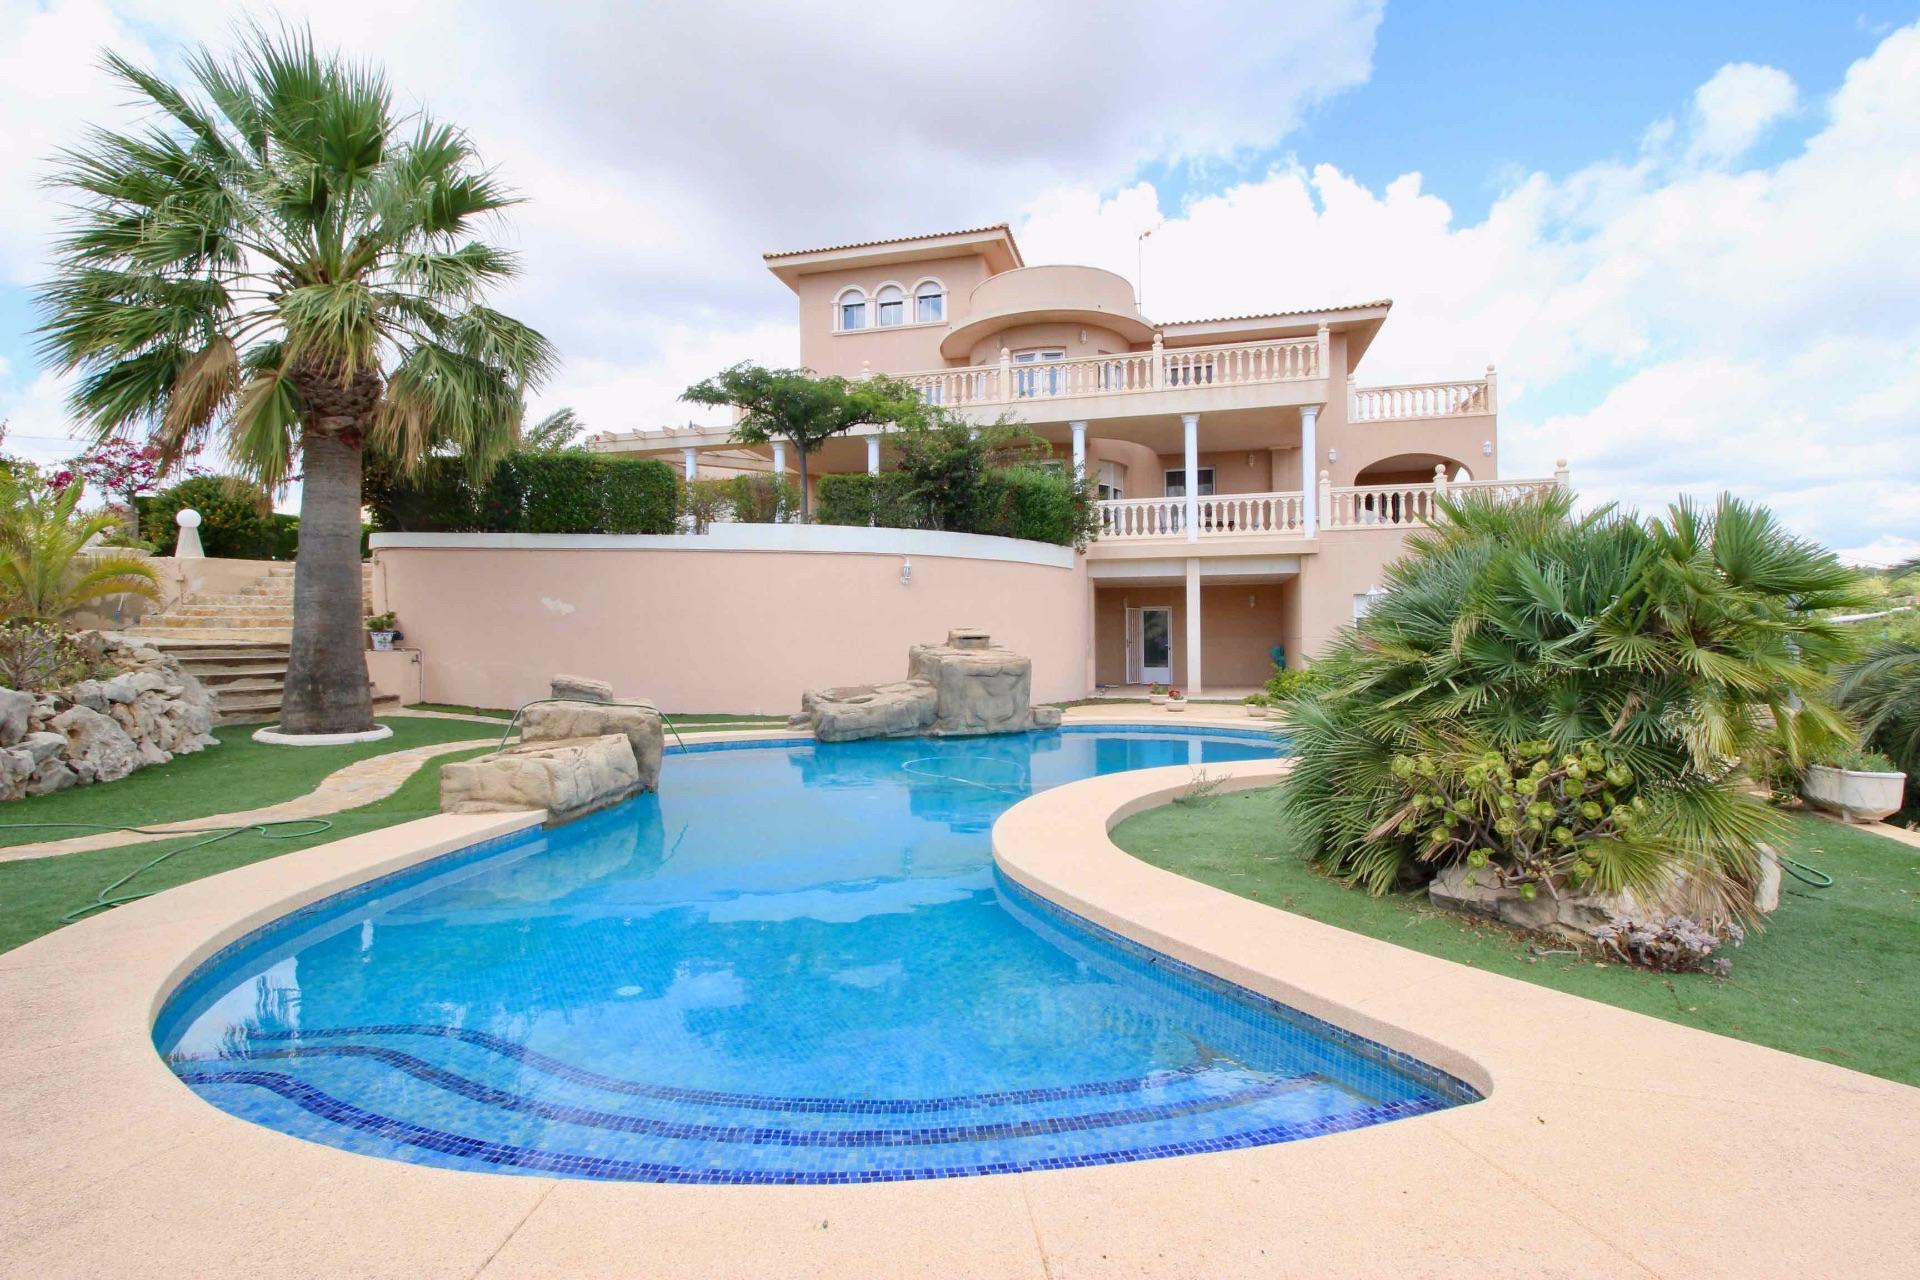 Villa in Benidorm, Parques Temáticos, for sale